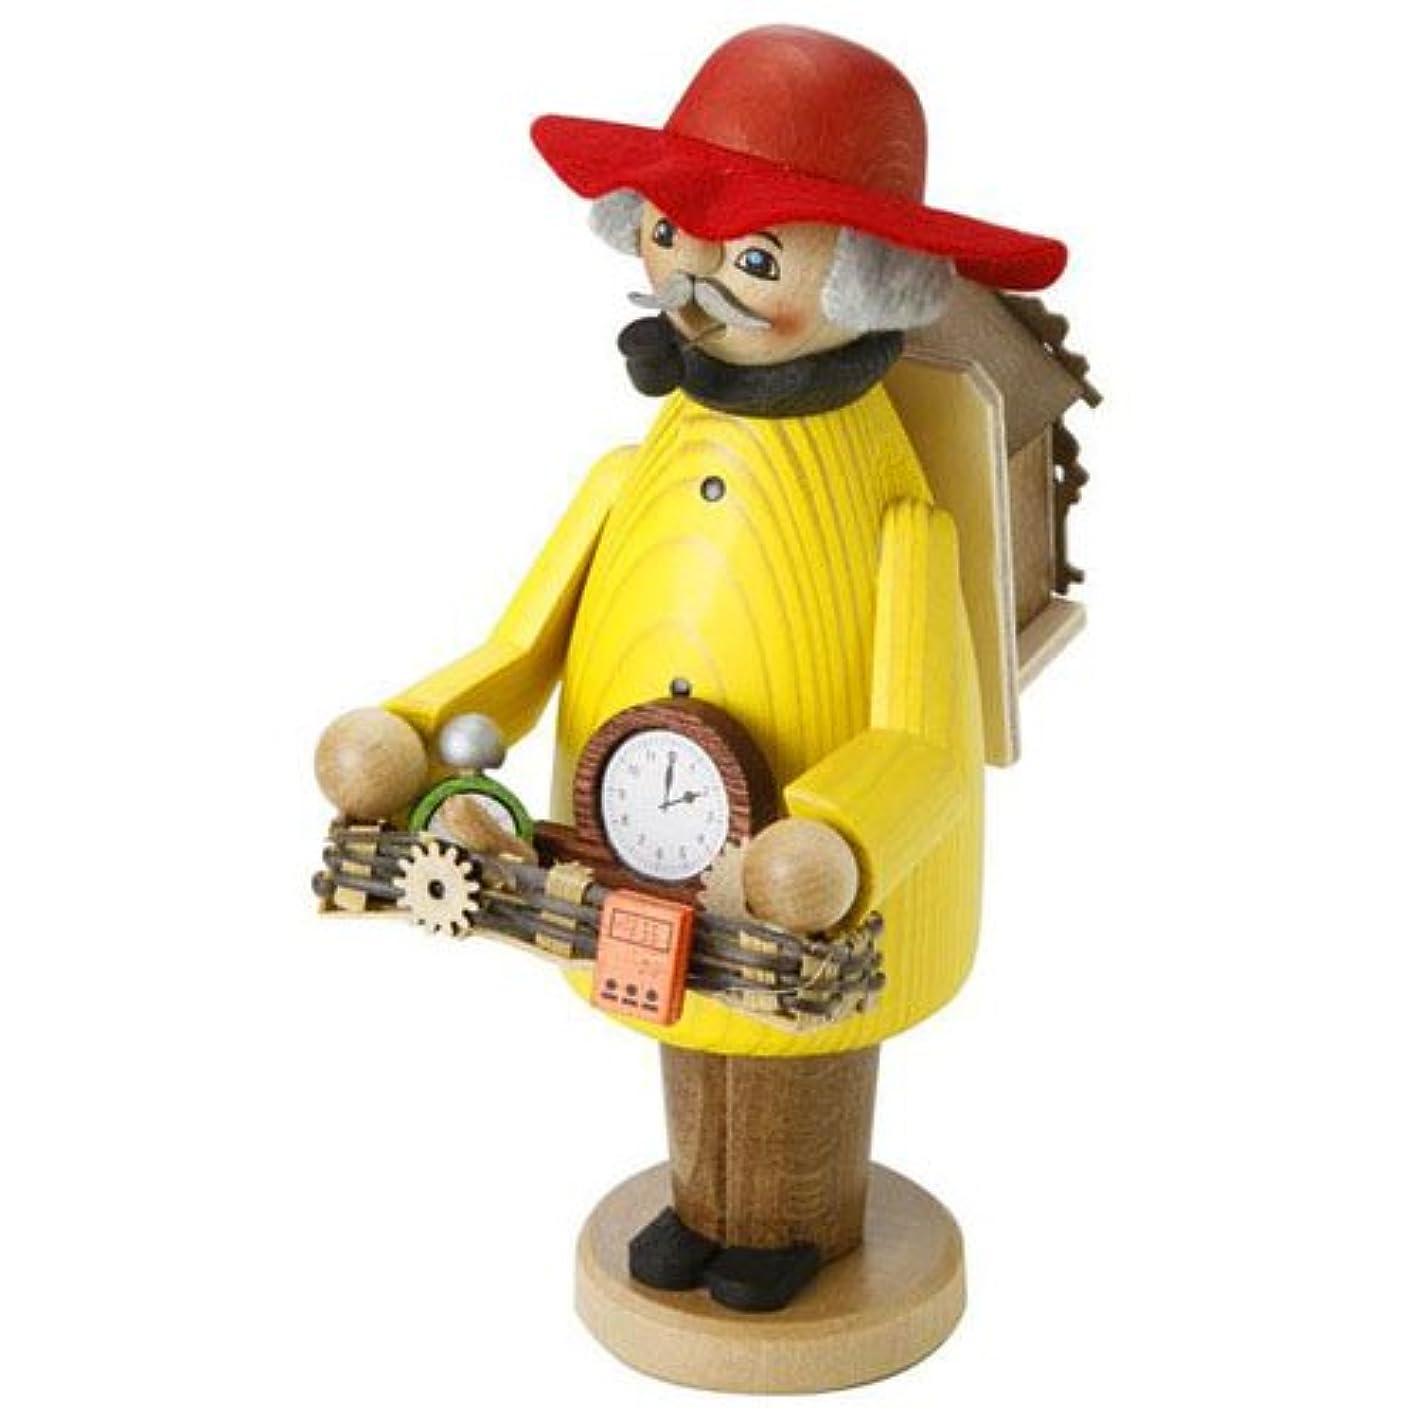 放棄されたミス根拠kuhnert ミニパイプ人形香炉 時計売り